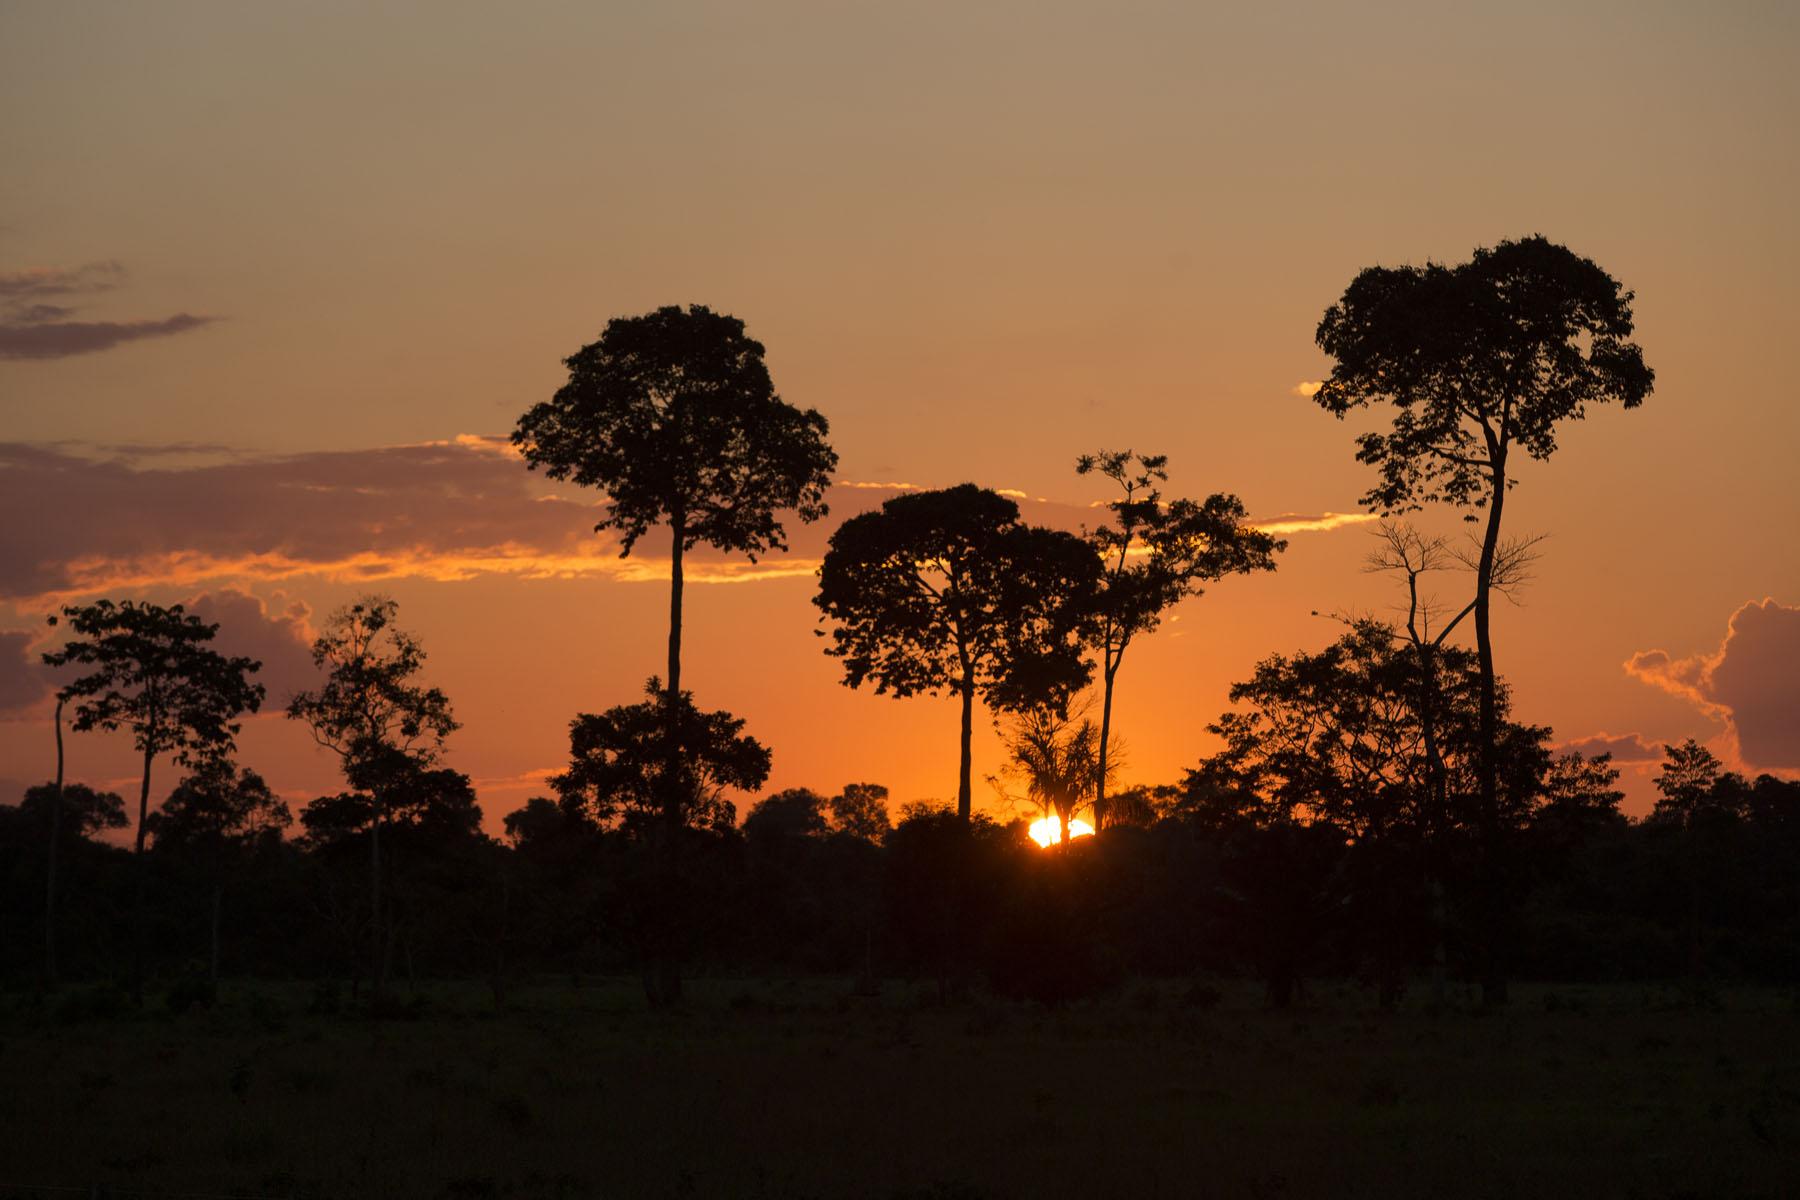 Sustentabilidade da agricultura na Amazônia – 10: Extrativismo como alternativa para áreas florestais